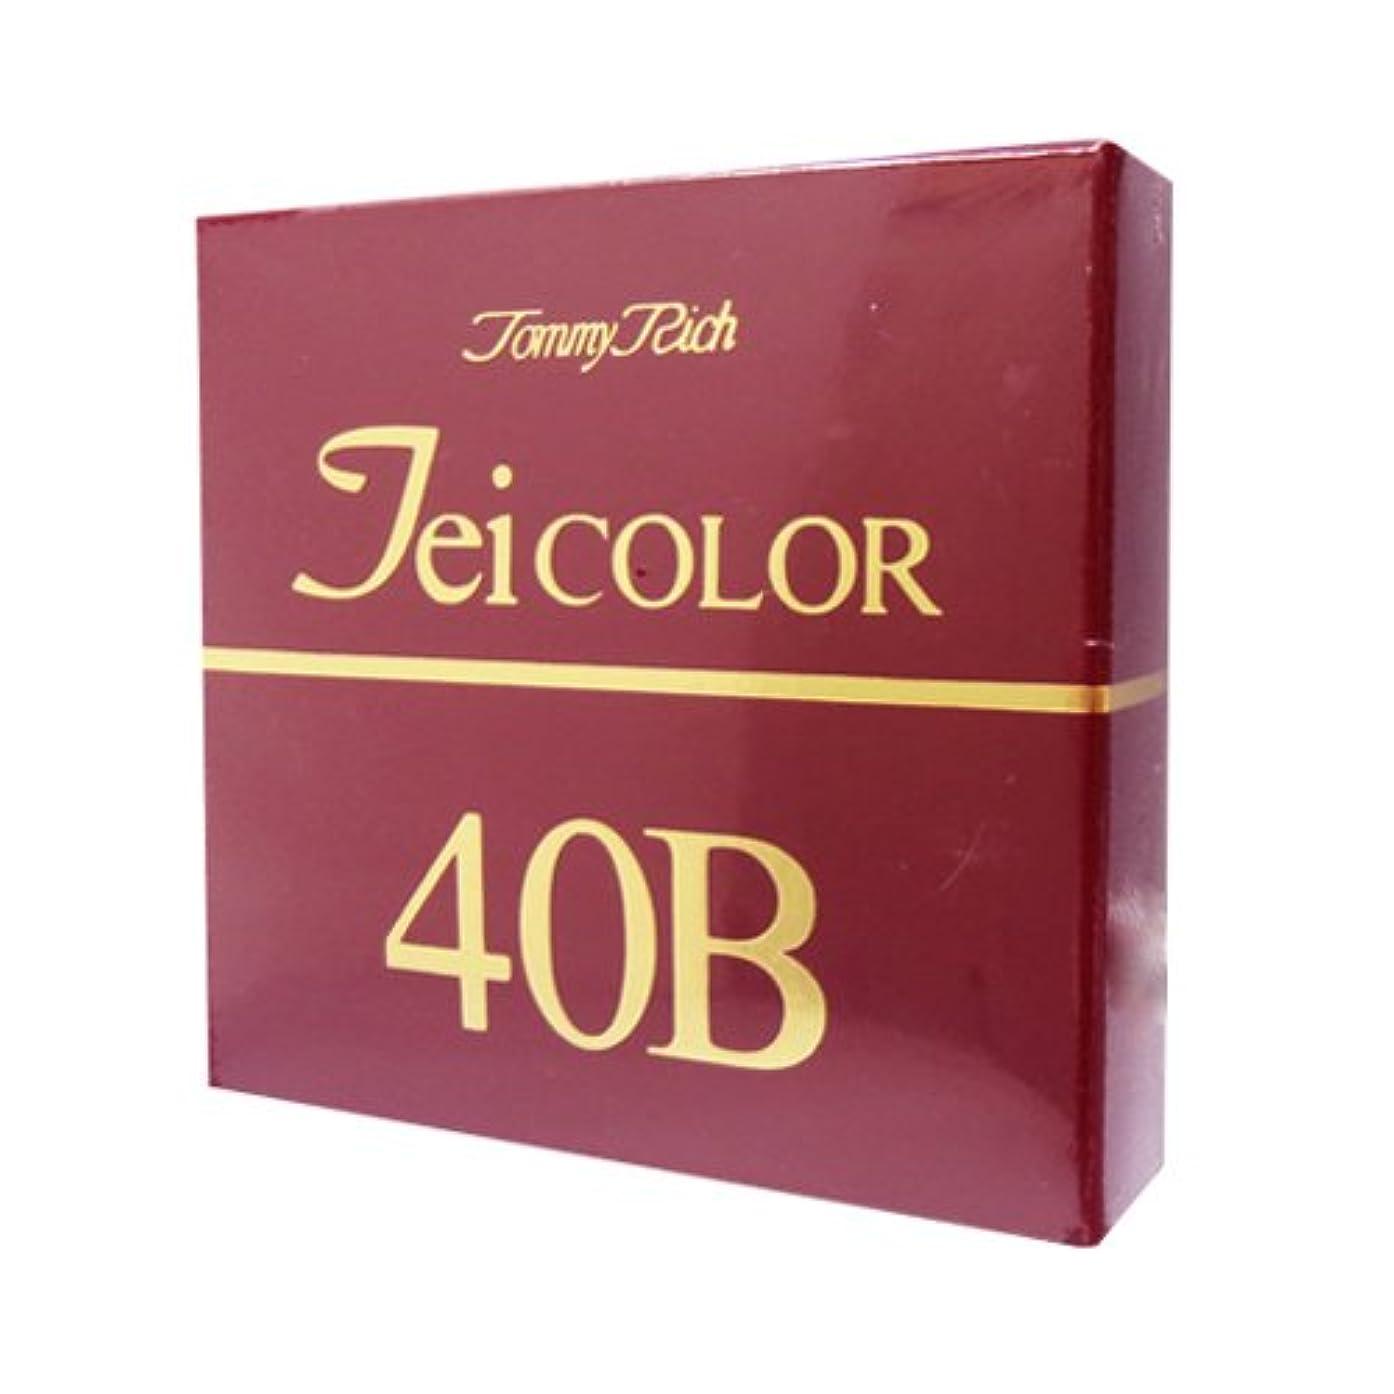 化粧しわ権限トミーリッチ TEIカラー 40B(色白肌用)